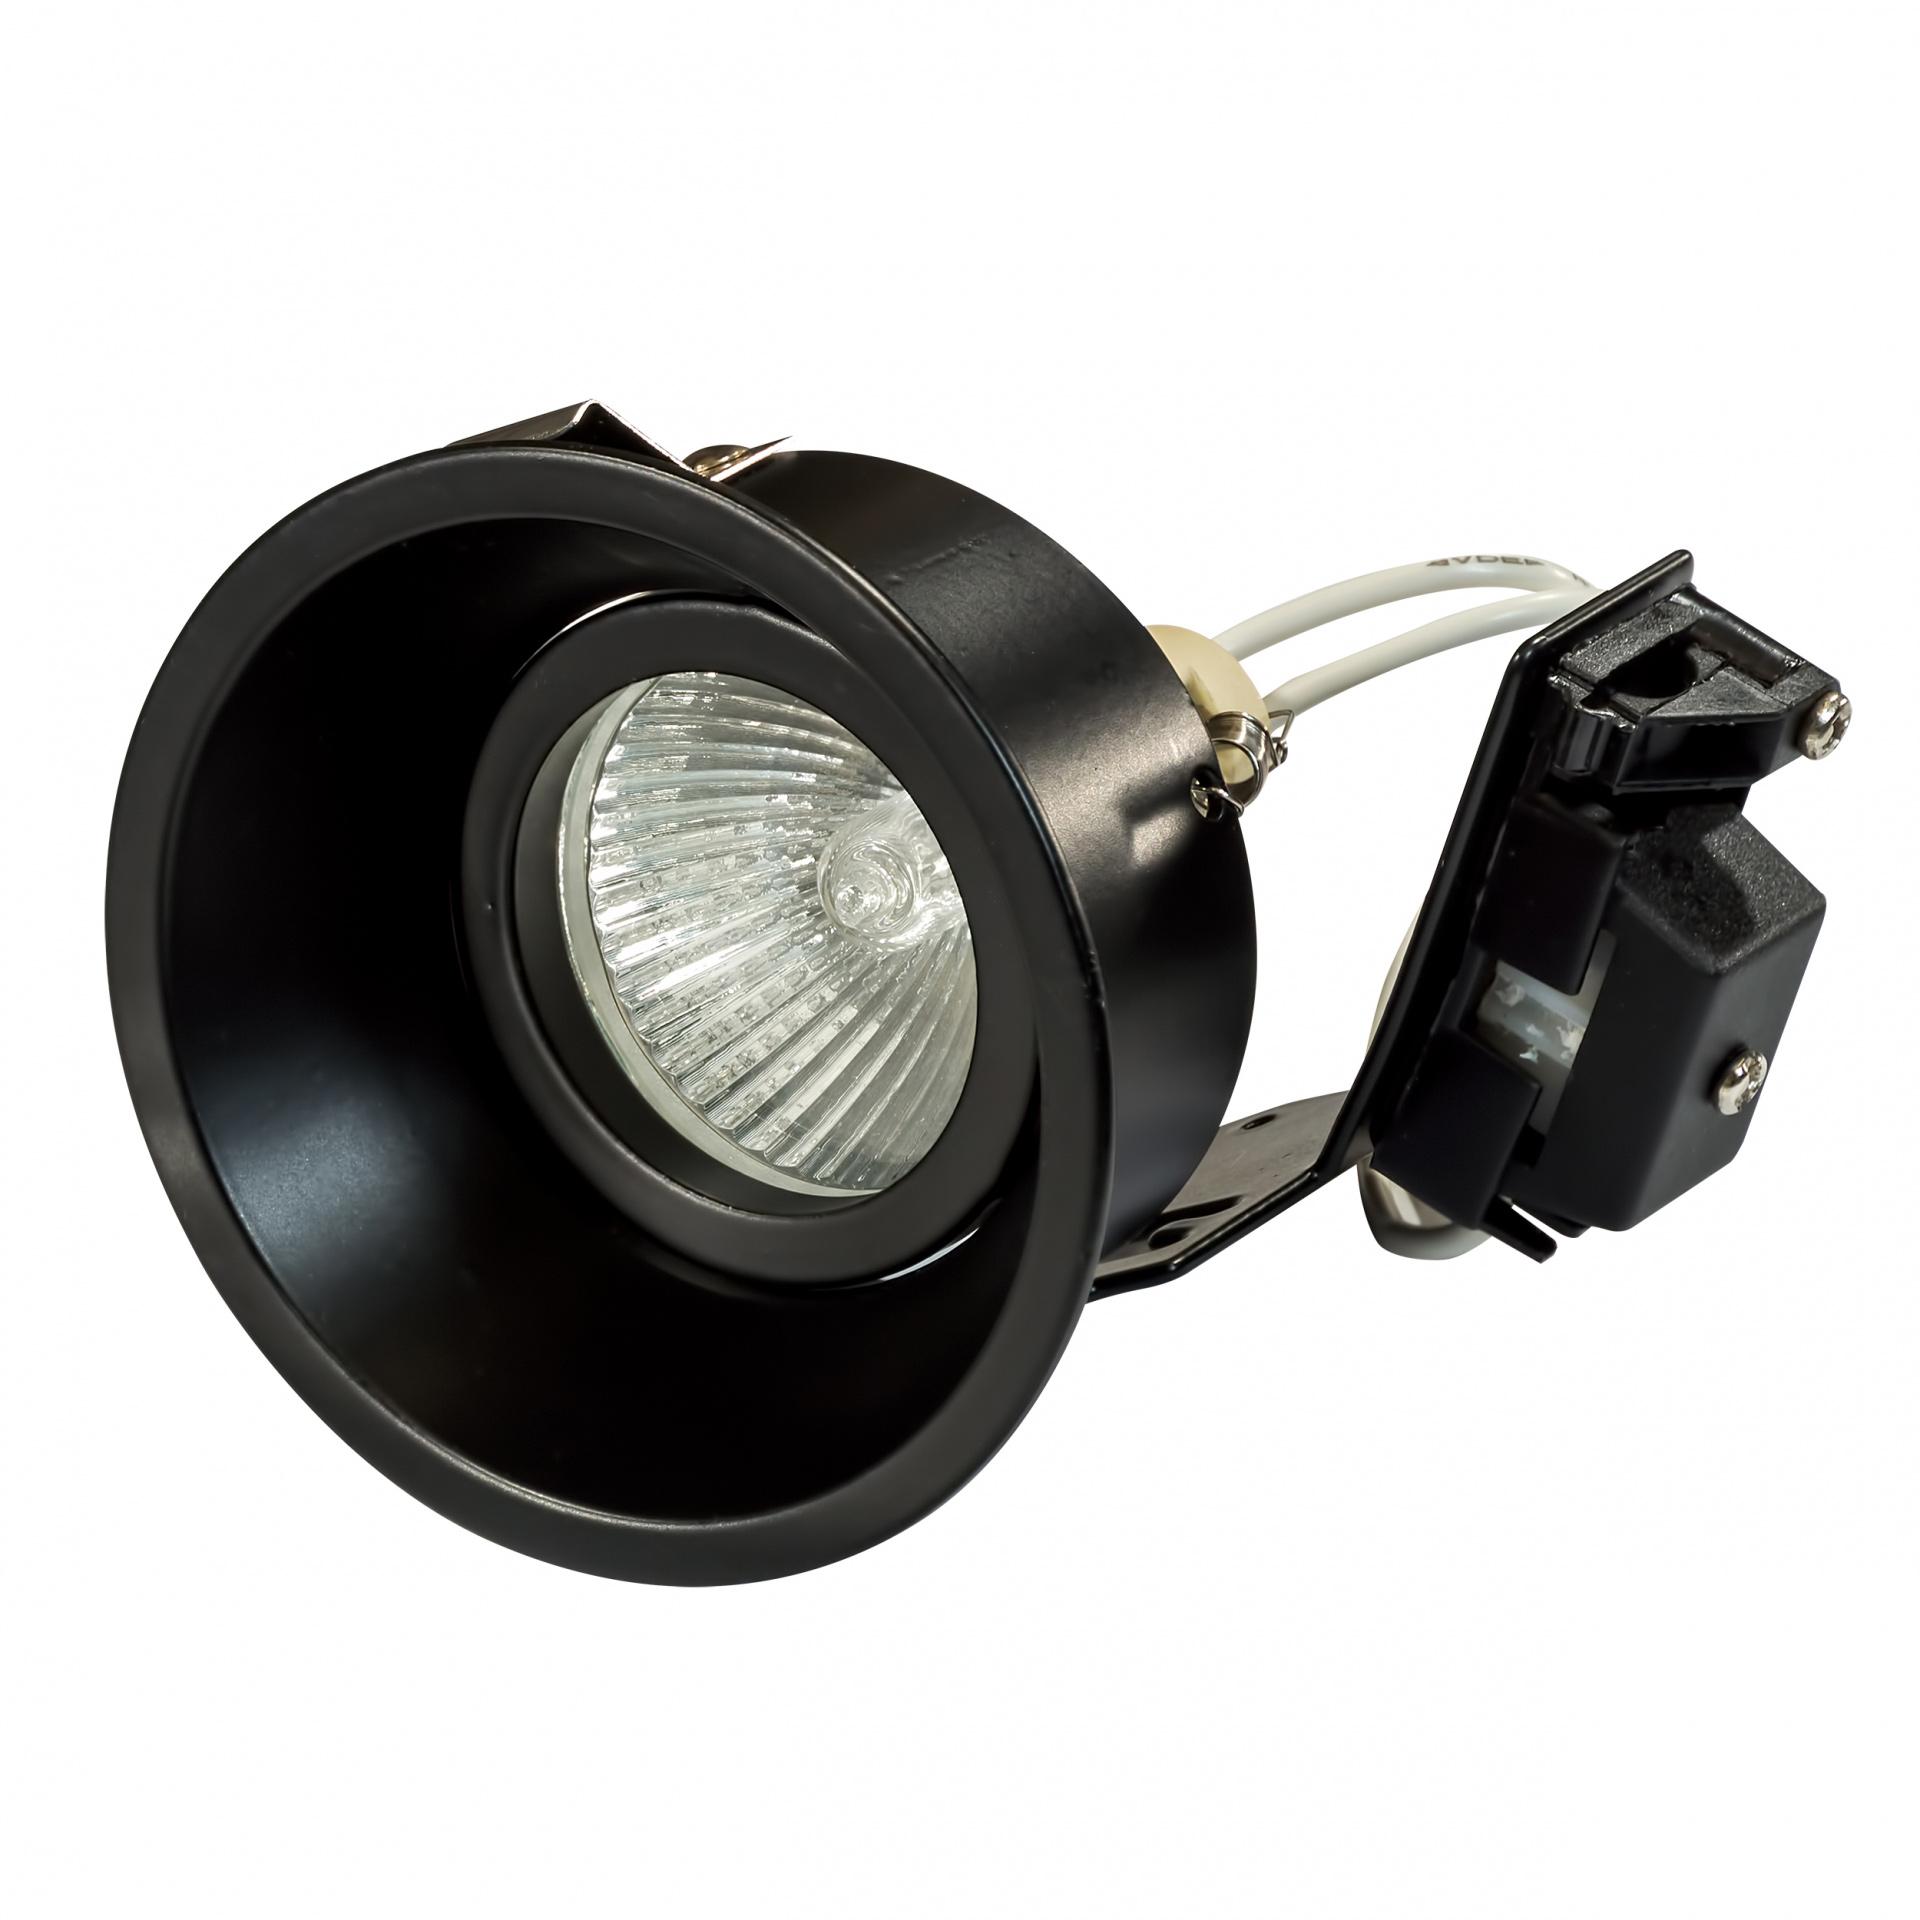 Светильник Domino round МR16 черный Lightstar 214607, купить в СПб, Москве, с доставкой, Санкт-Петербург, интернет-магазин люстр и светильников Starlight, фото в жизни